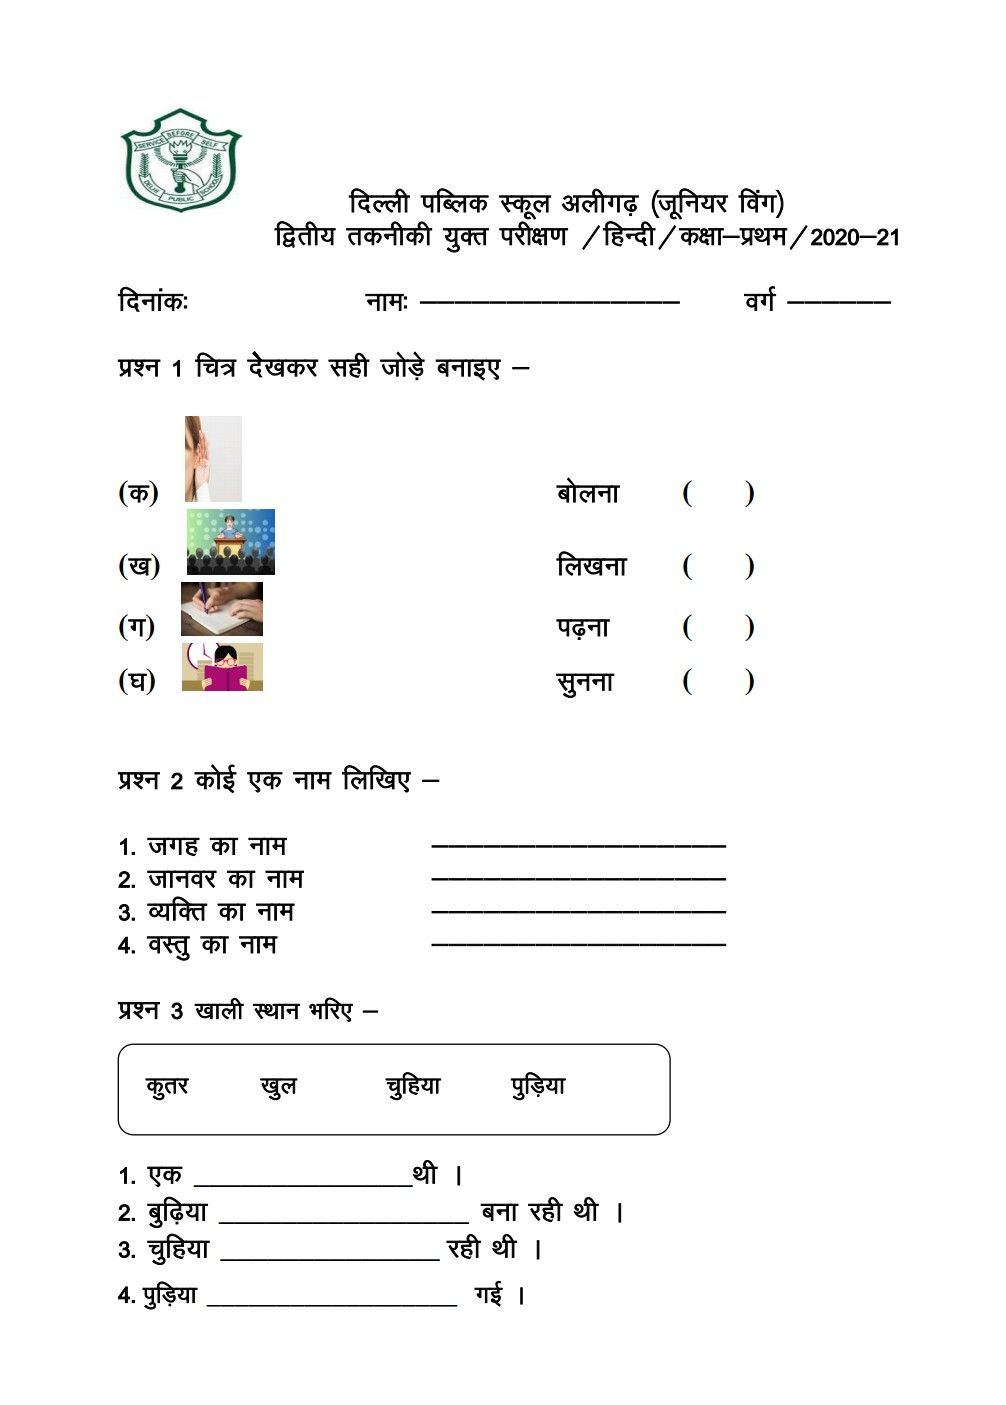 medium resolution of Hindi worksheet for grade 1   1st grade worksheets